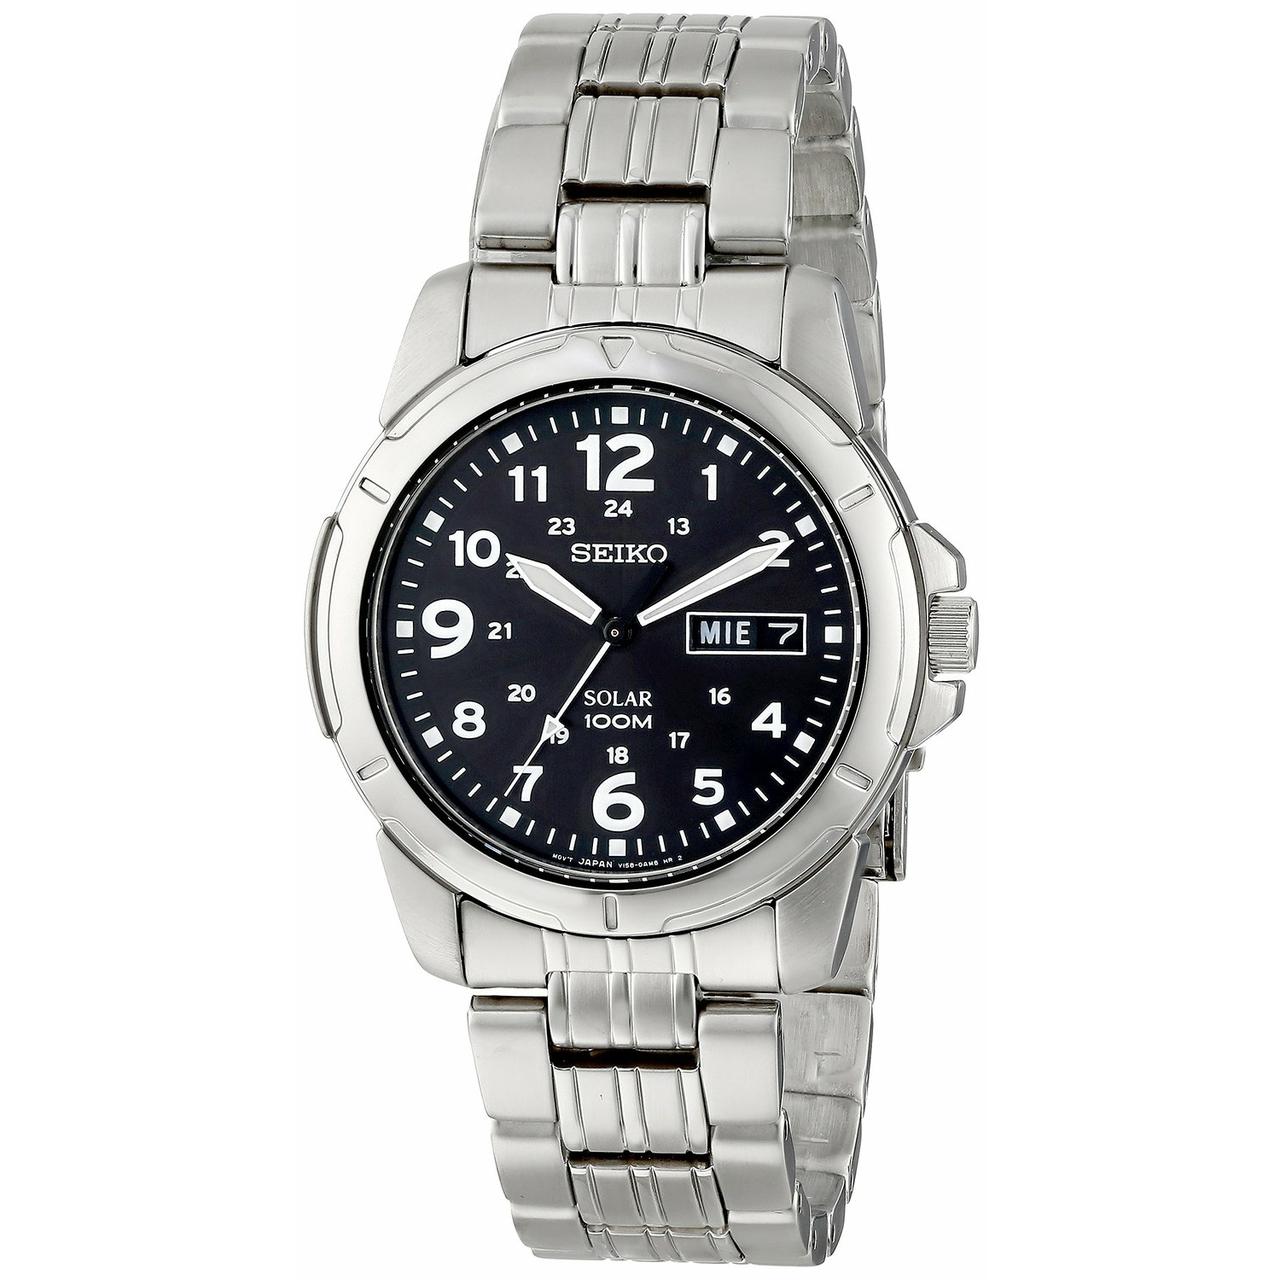 นาฬิกา SEIKO Solar (นาฬิกา ไซโก้) รุ่น SNE095P1